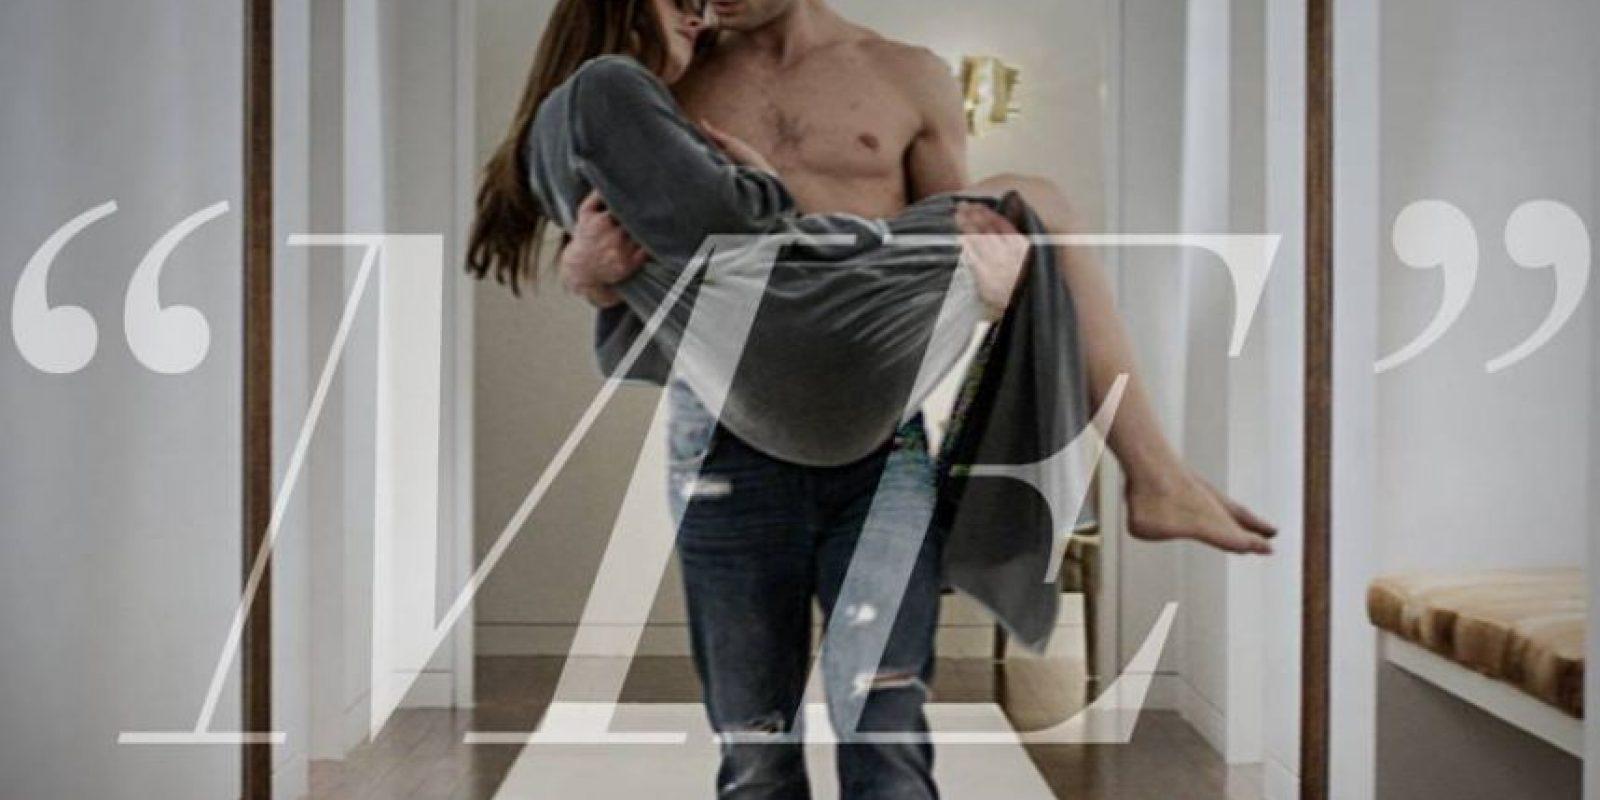 Jamie Dornan admitió que solía disculparse con su compañera antes grabar las escenas de sexo. Foto:Facebok/FiftyShadesofGrey